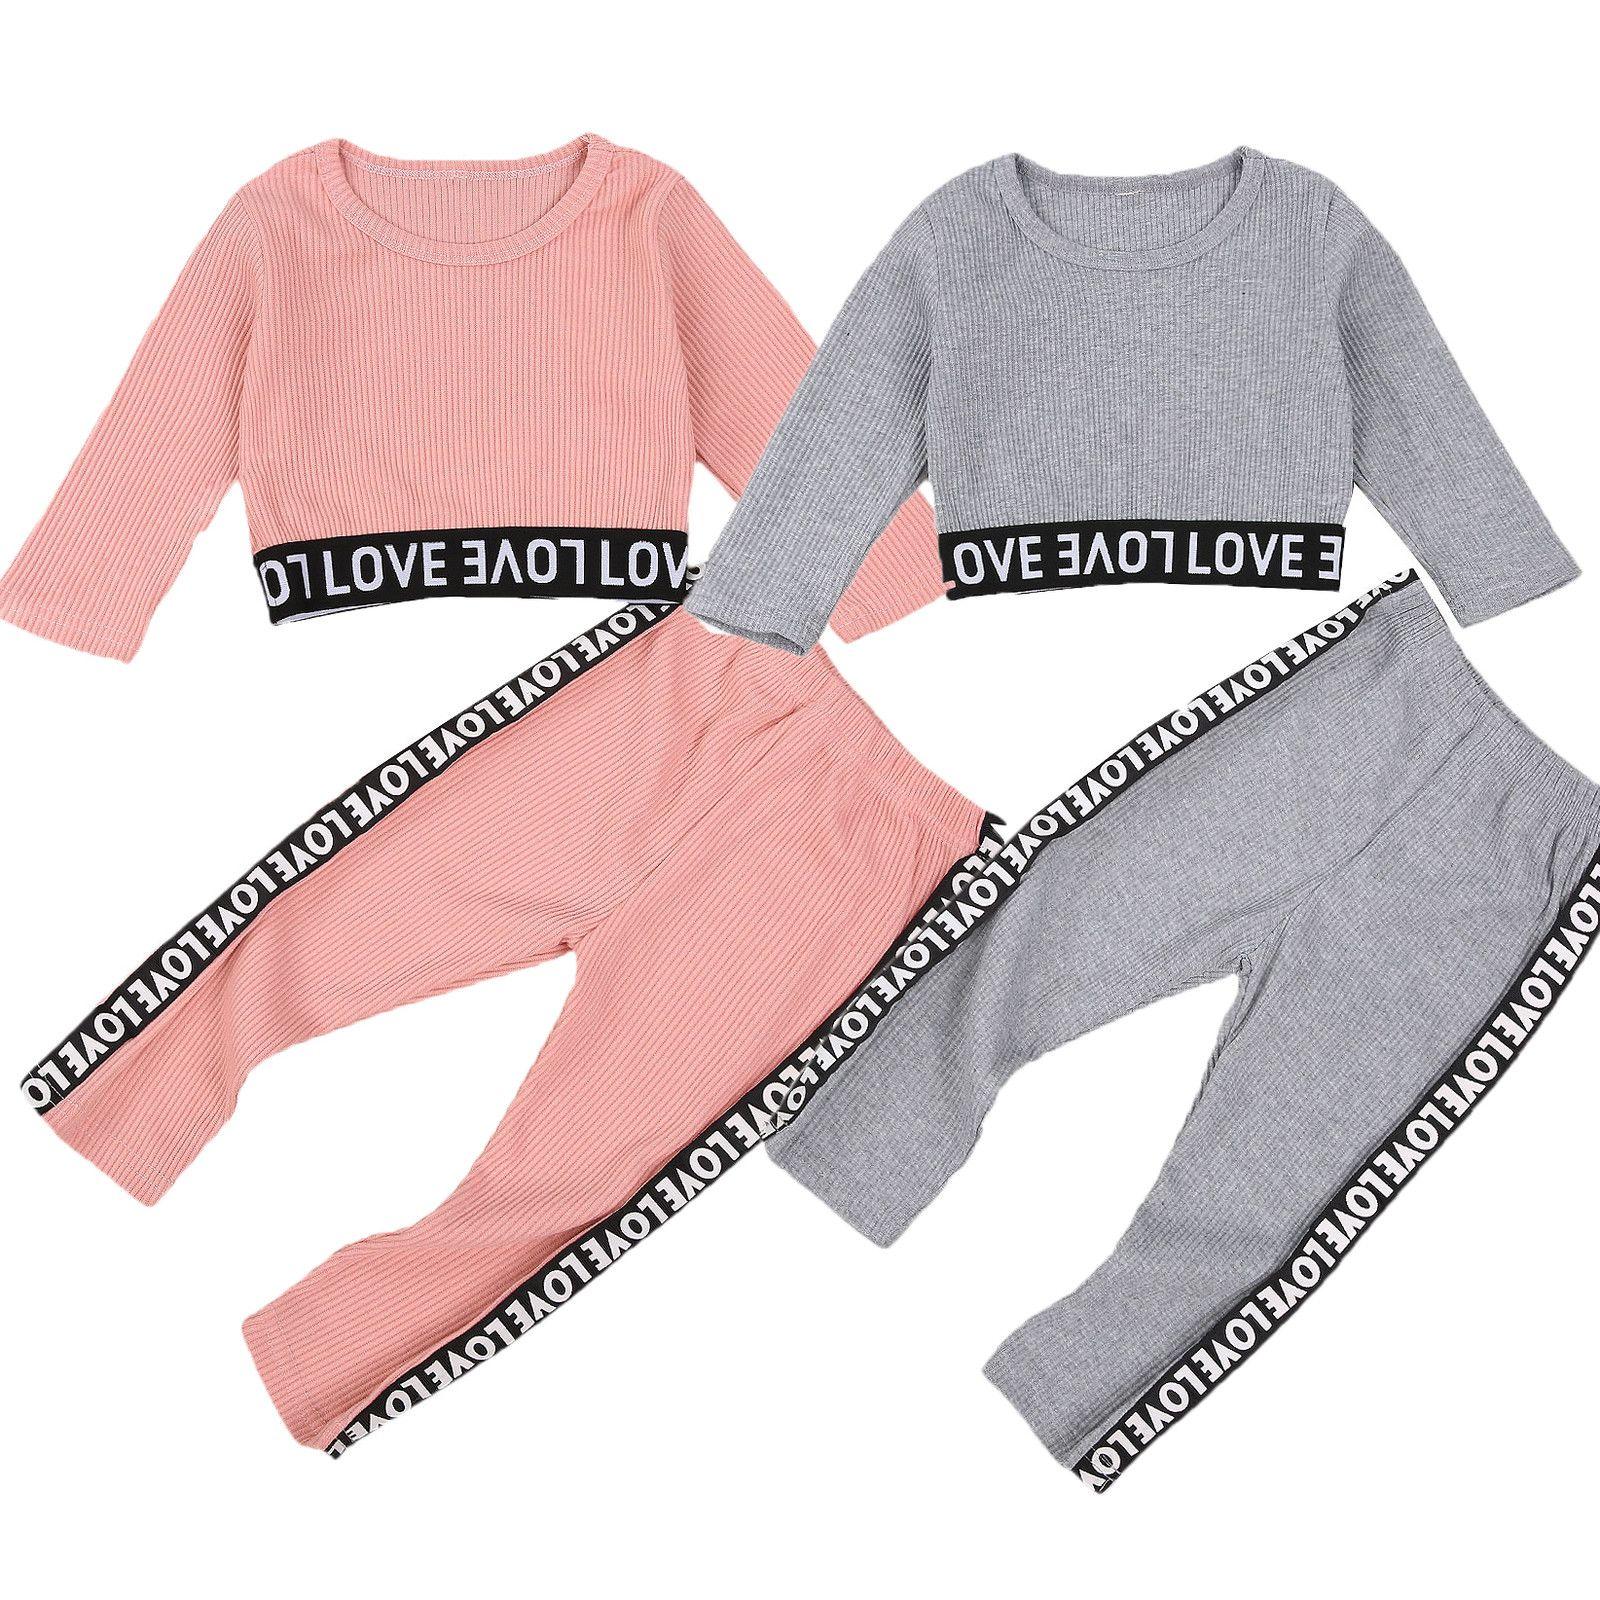 18M-6Y Дети Baby Girl письмо Печать Длинные рукава Хлопок футболку Tops Long 2PCS Pant брюк Активный Спортивная Одежда детская SetX1019